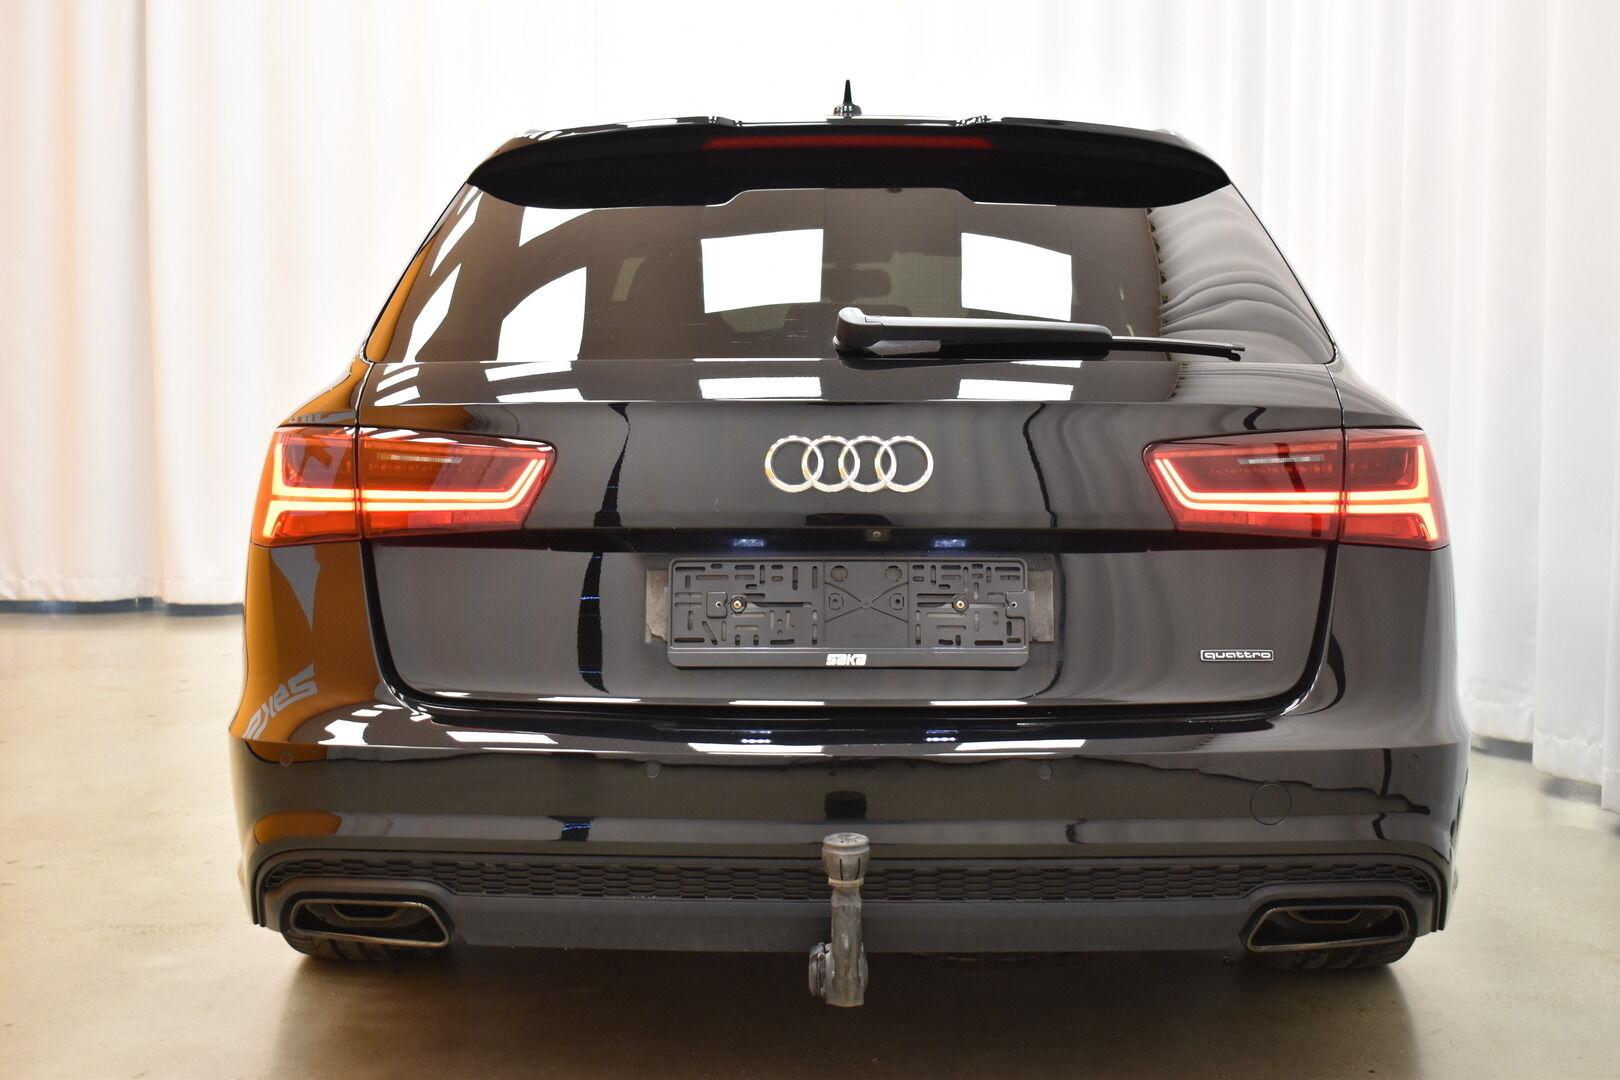 Musta Farmari, Audi A6 – OUL-89168, kuva 7